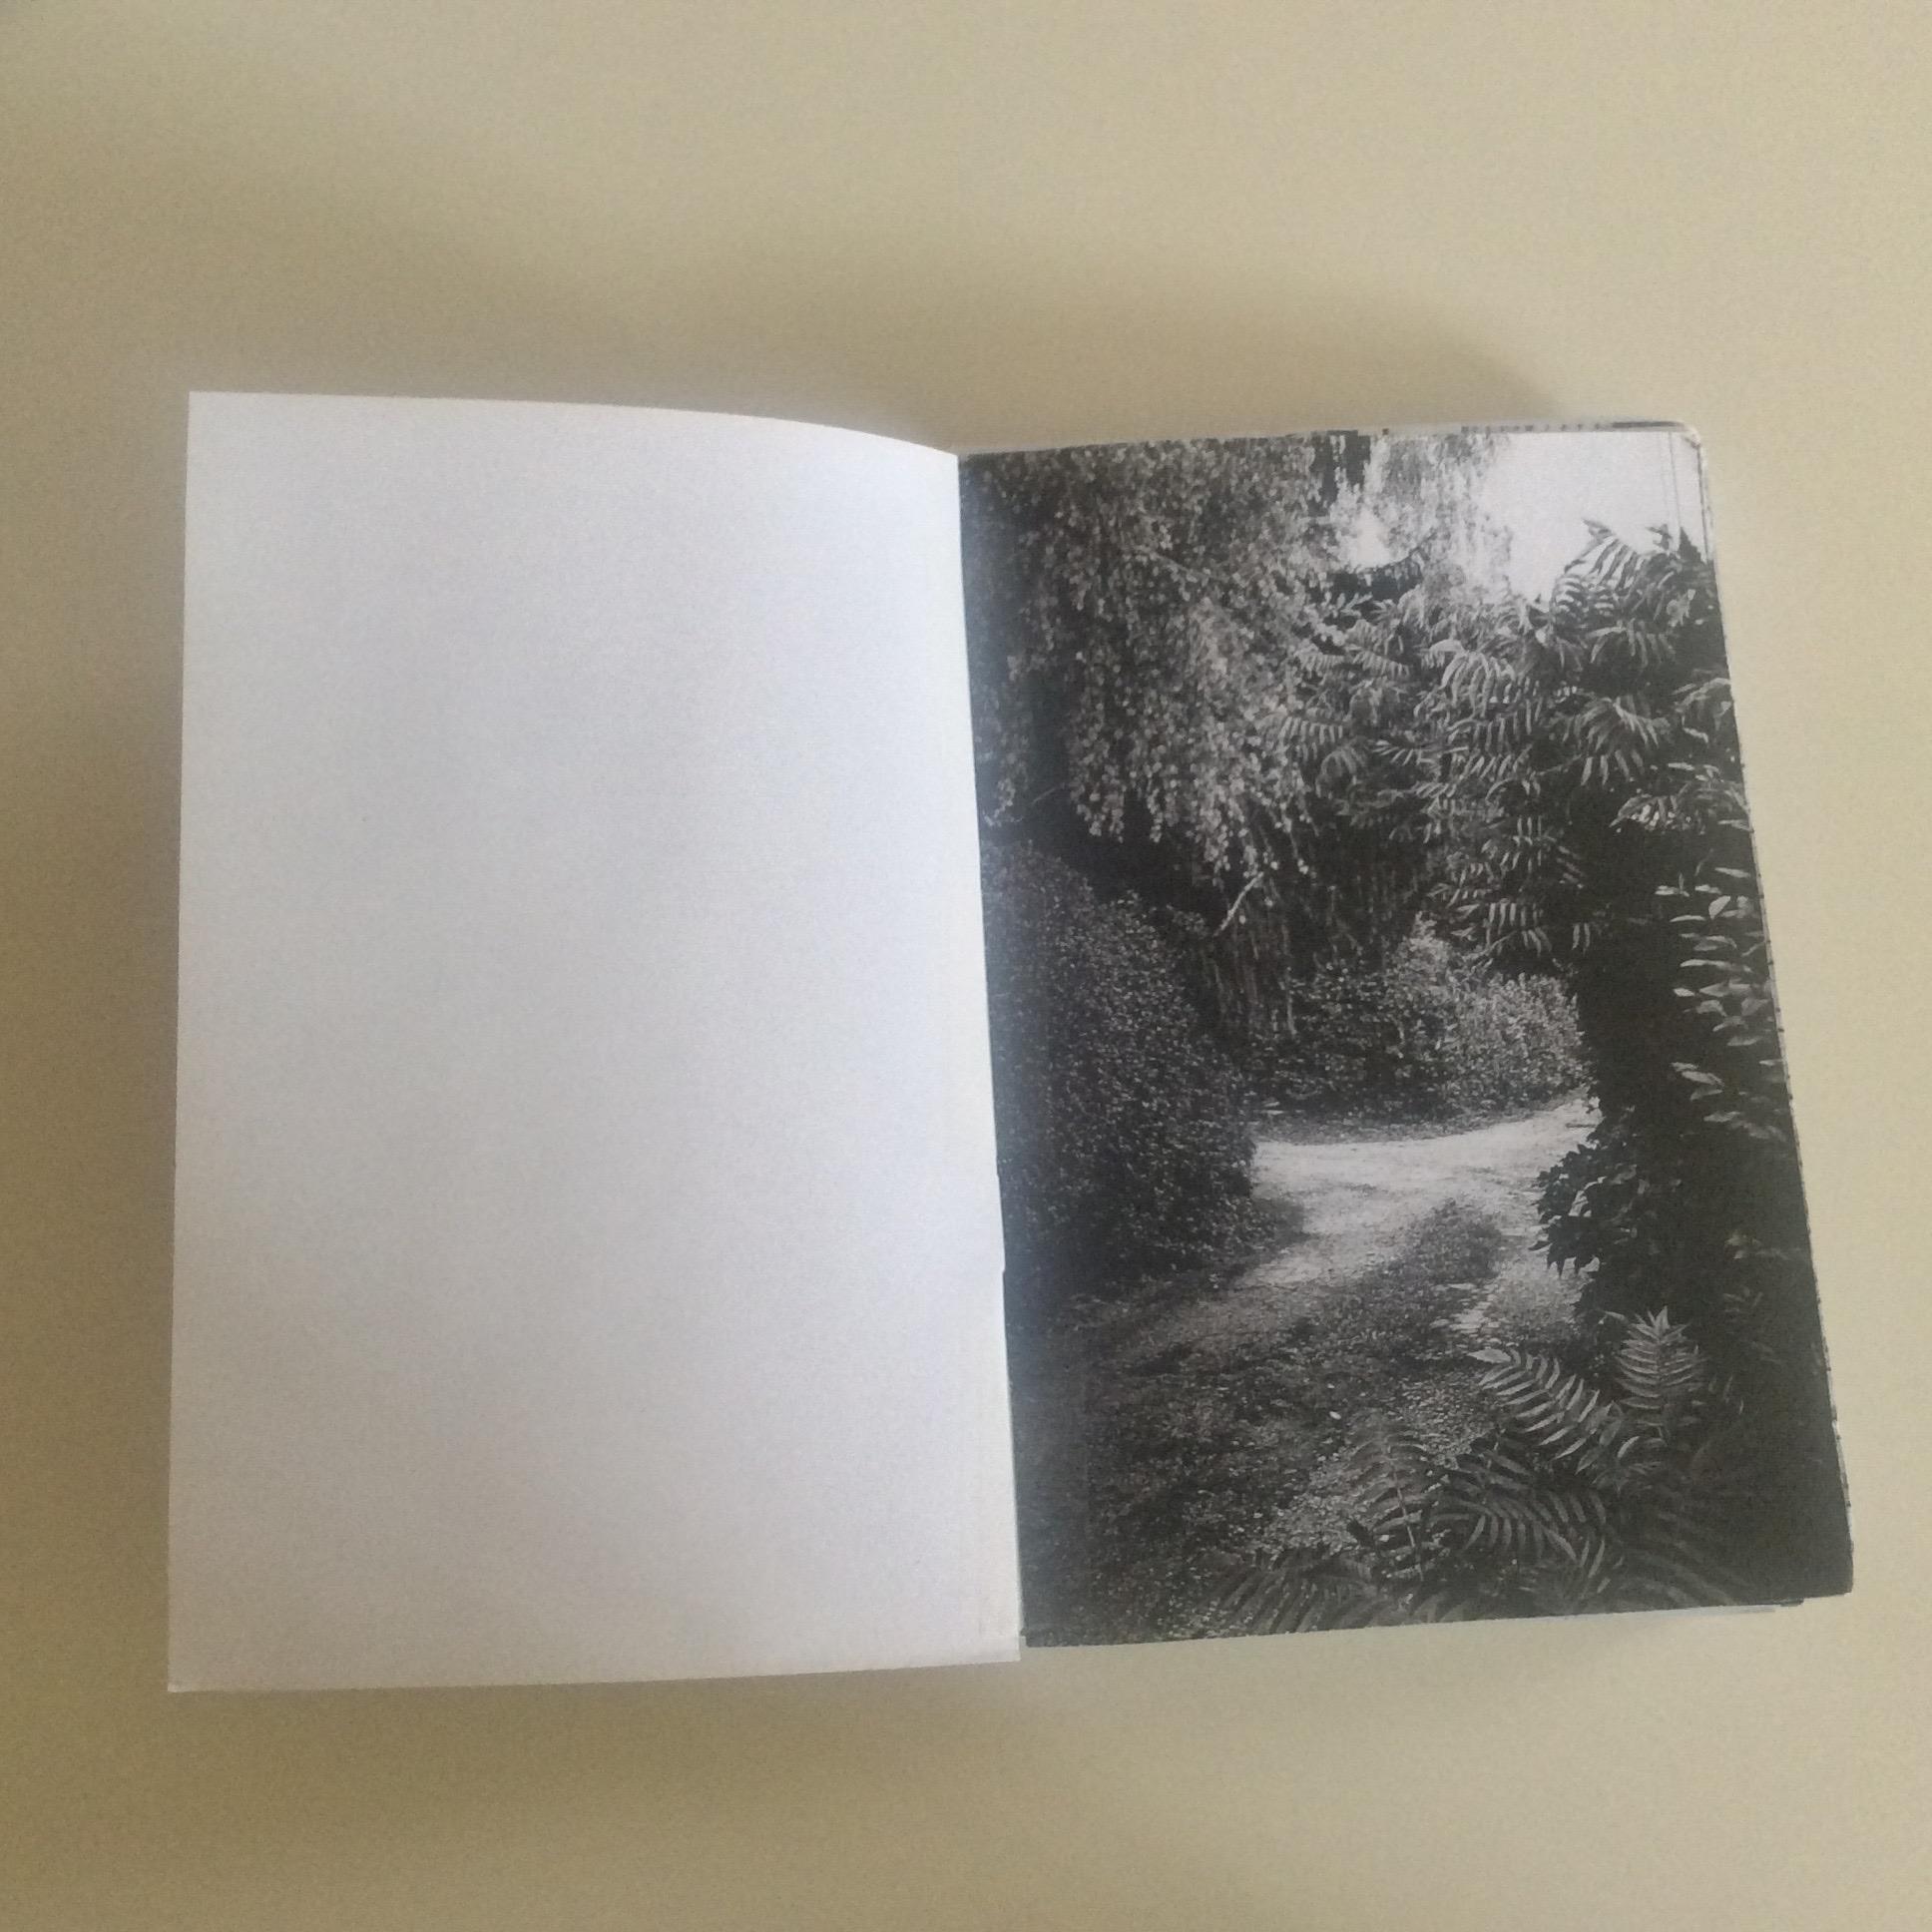 Photographies Sabrina Karp-dessin du livre Claire Jolin-les editions orange claireIMG_1454